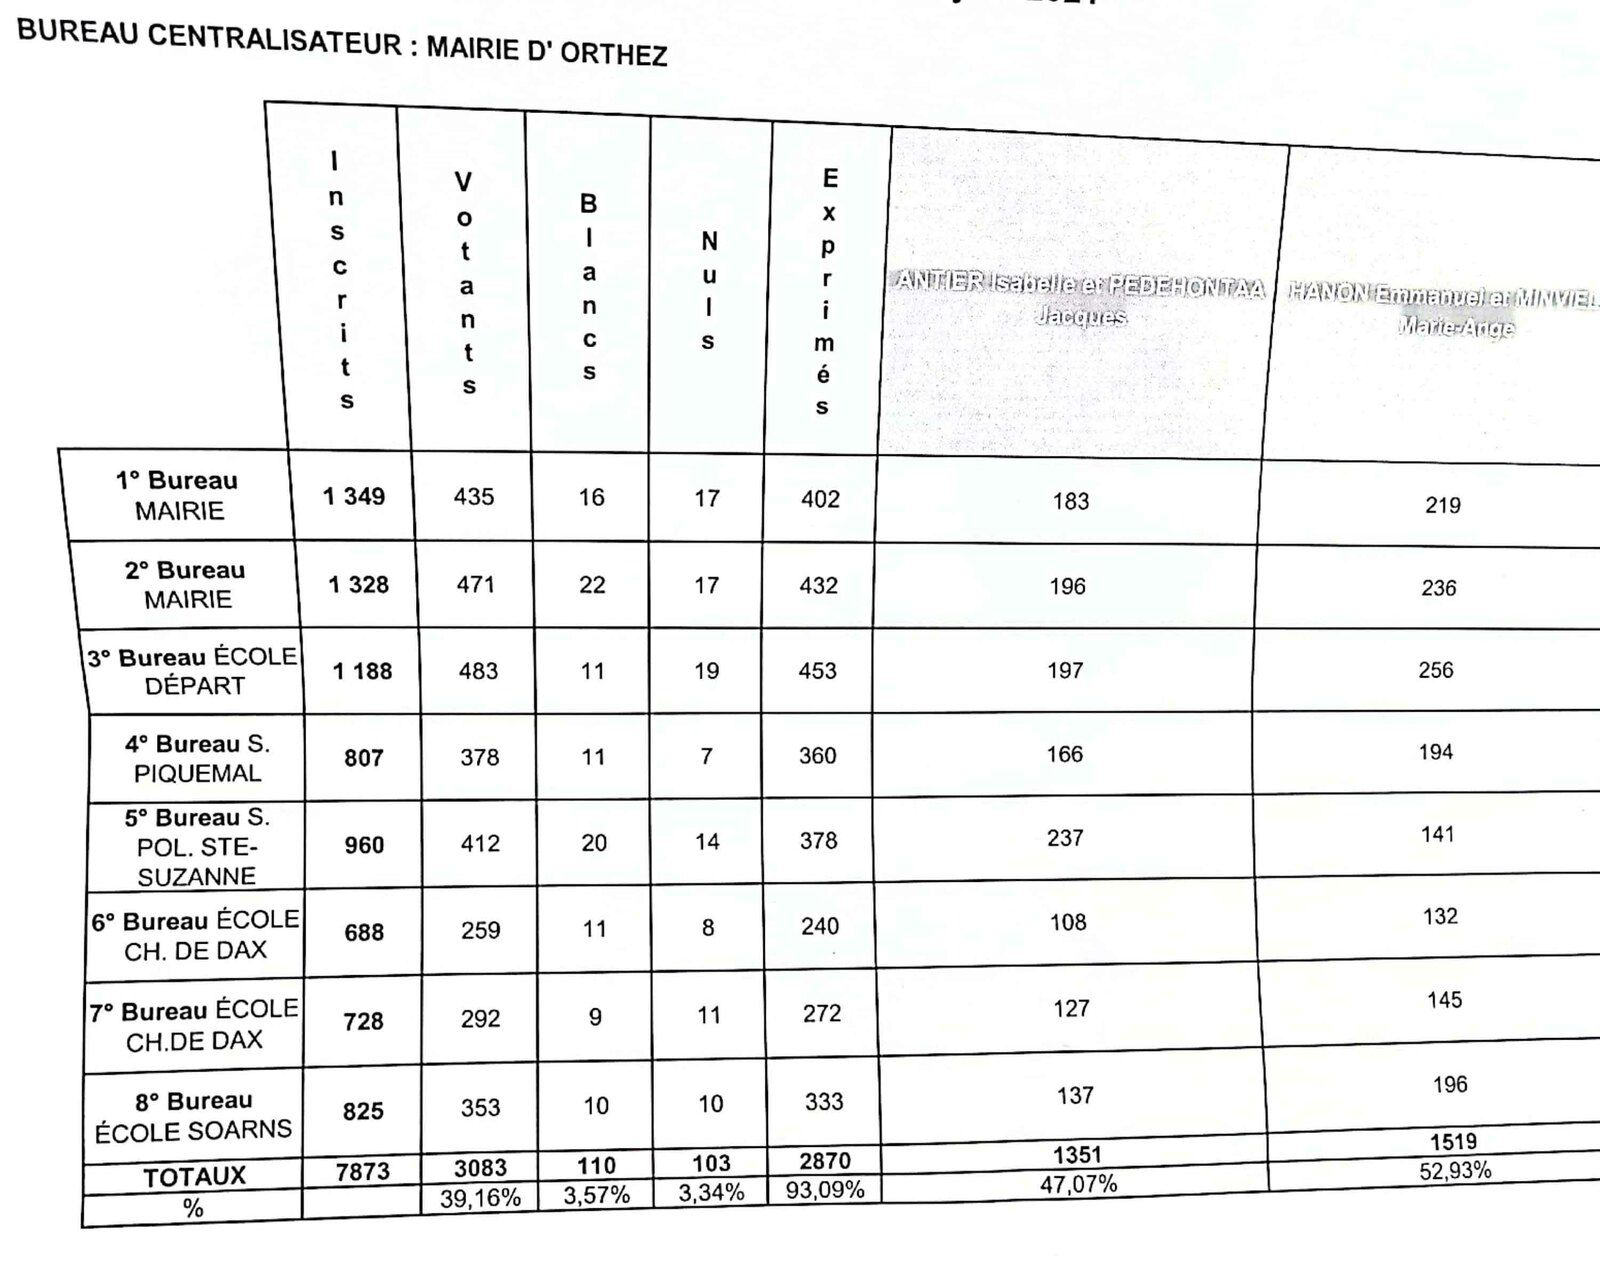 Les résultats d'Orthez Ste Suzanne